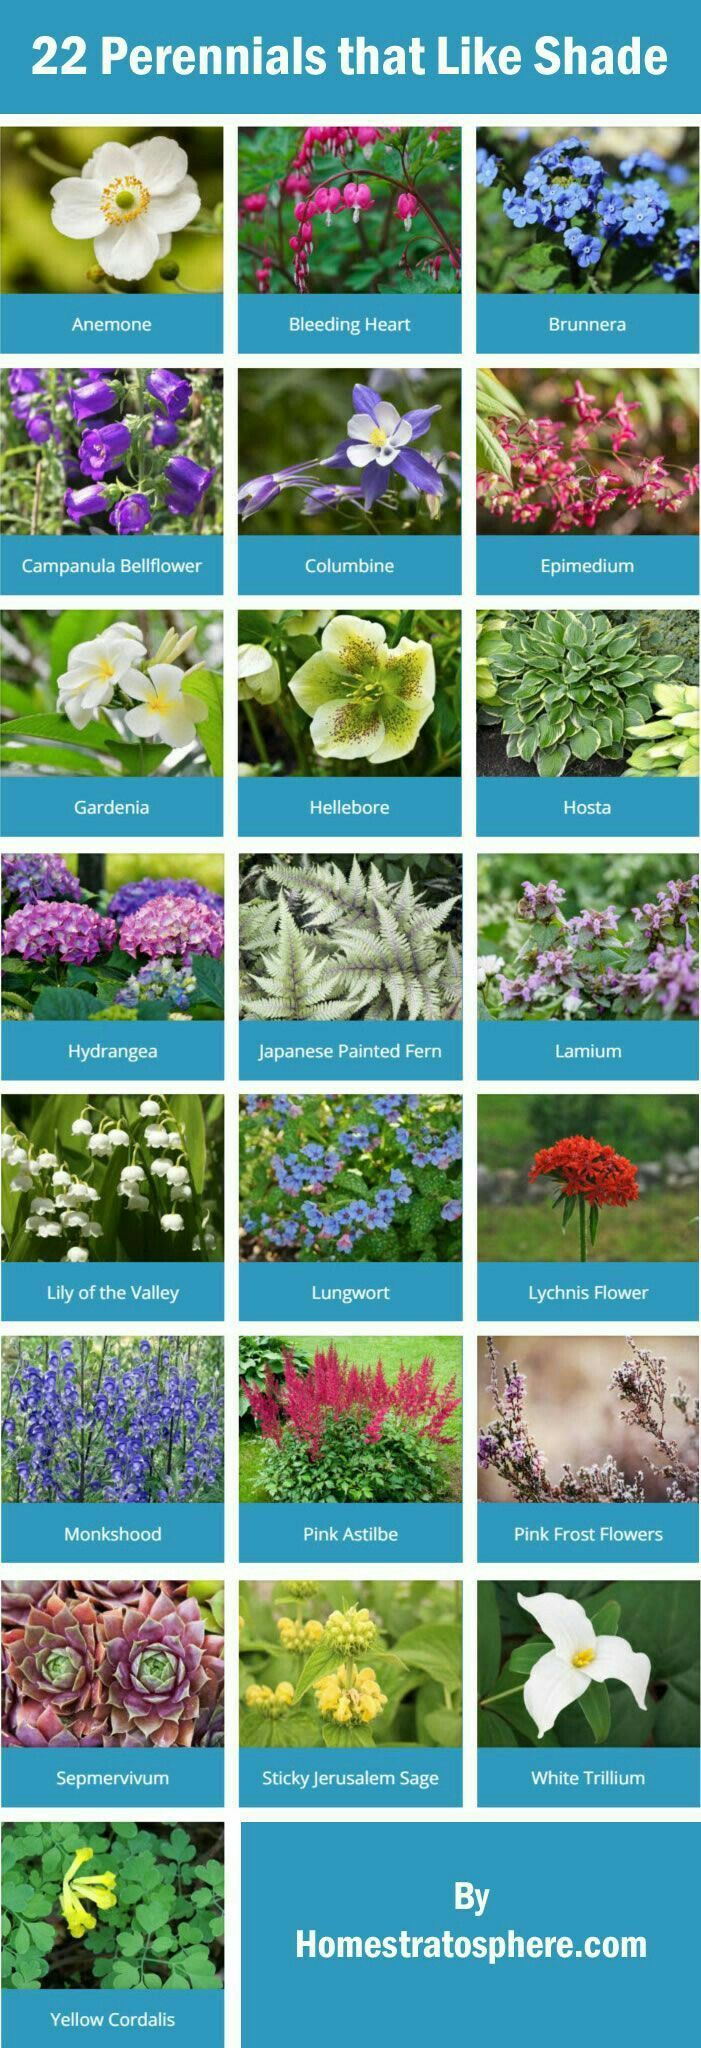 22 Perennial plants that love shade